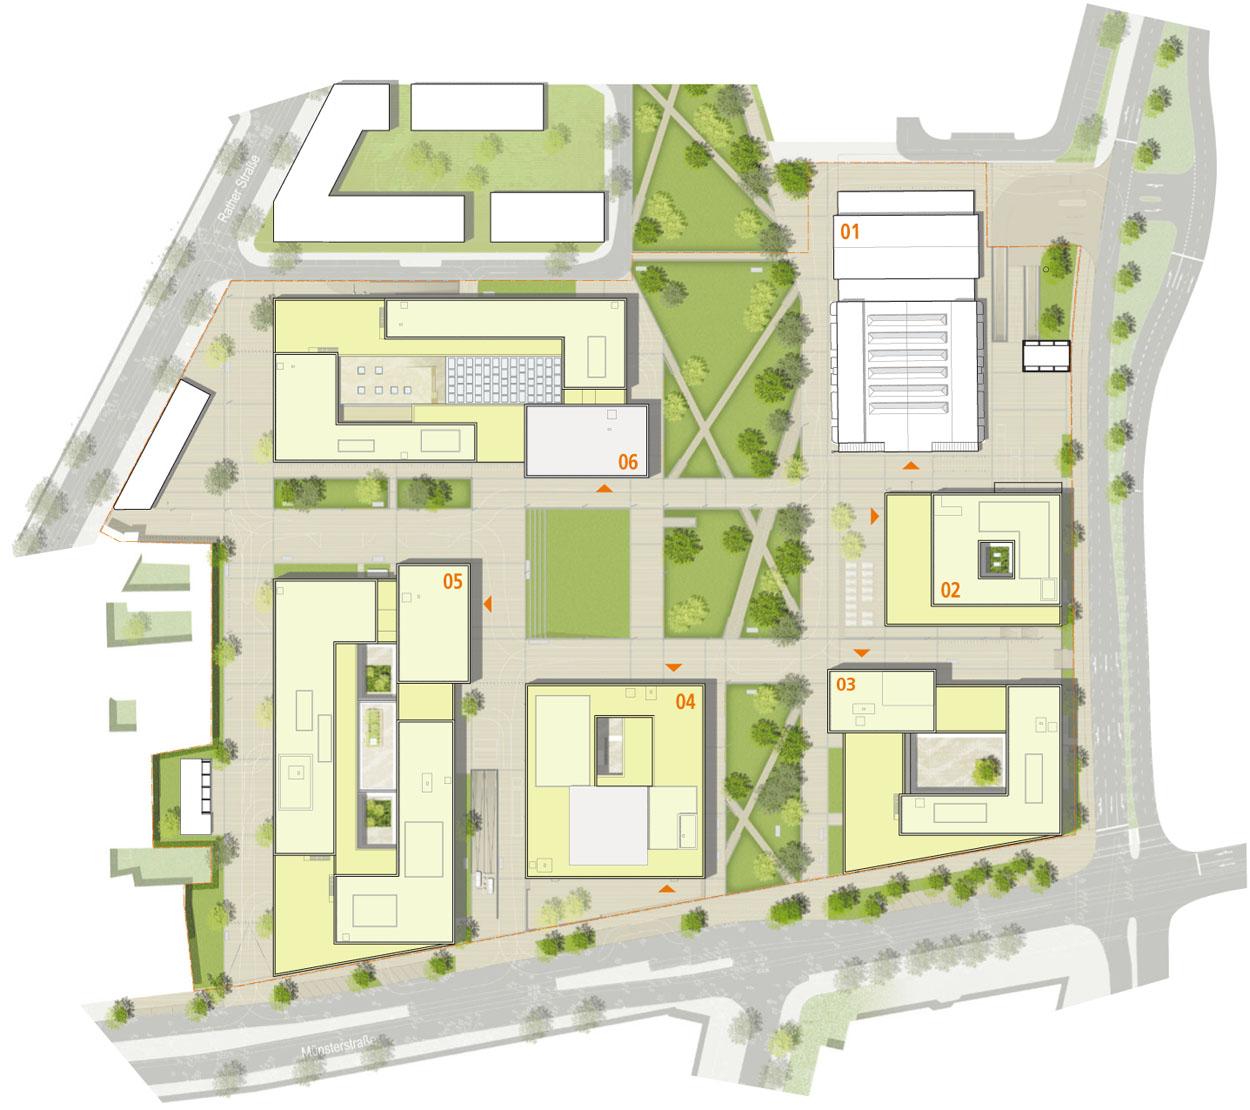 projekt neubau fachhochschule dsseldorf campus dcompetitionline - Fh Dusseldorf Bewerbung